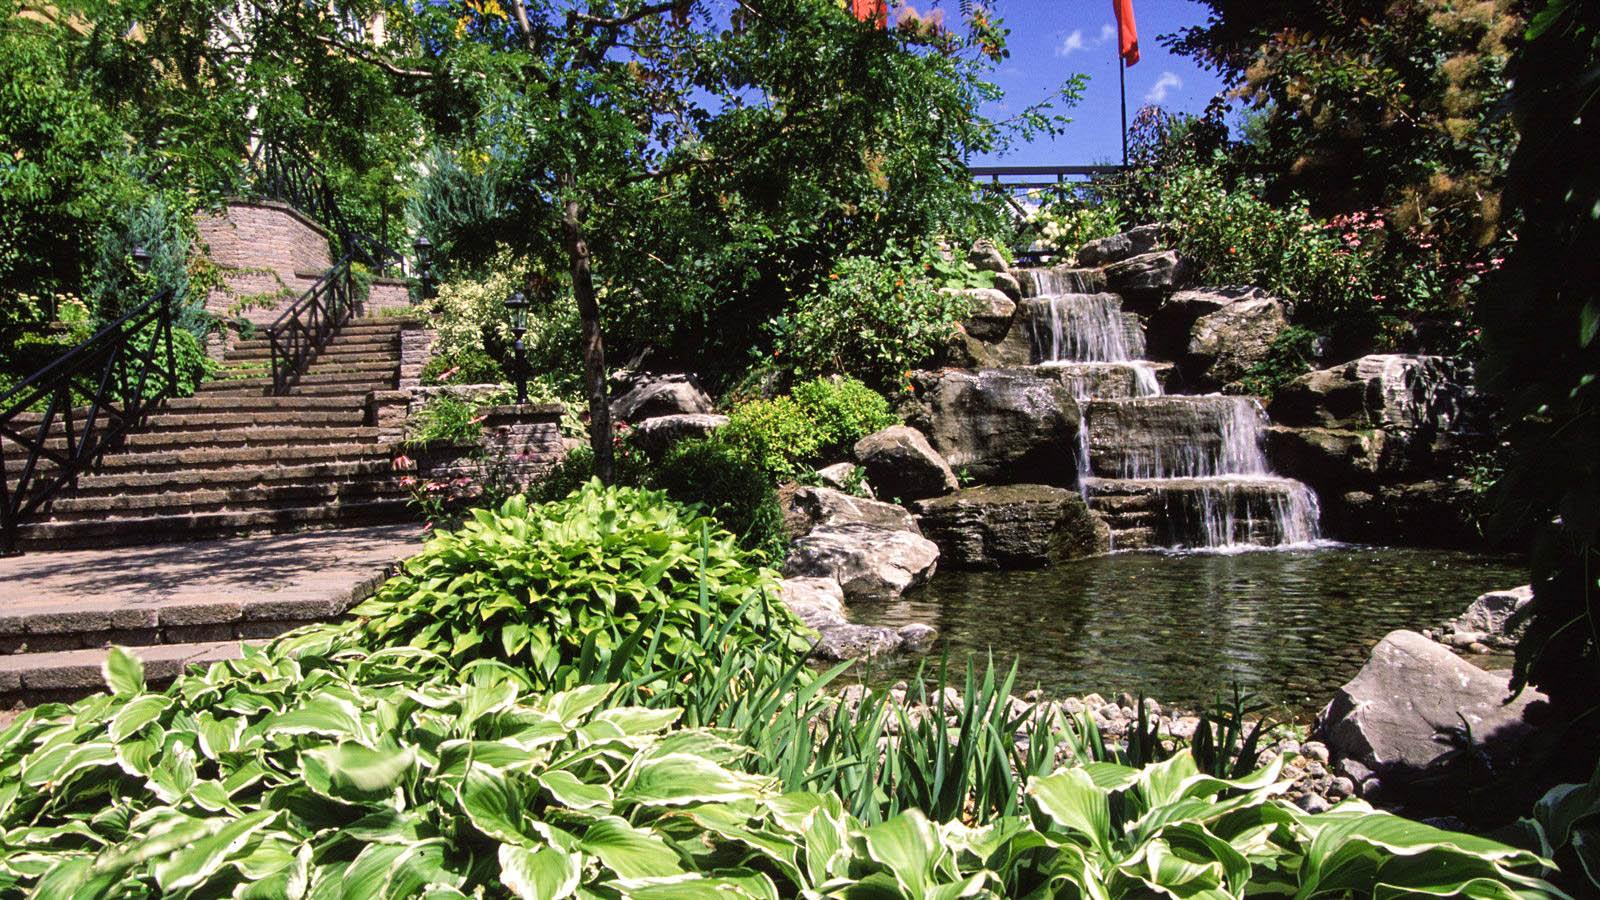 Comment Faire Son Jardin D'eau : Trucs Et Astuces Pour ... dedans Creation Cascade Bassin Jardin